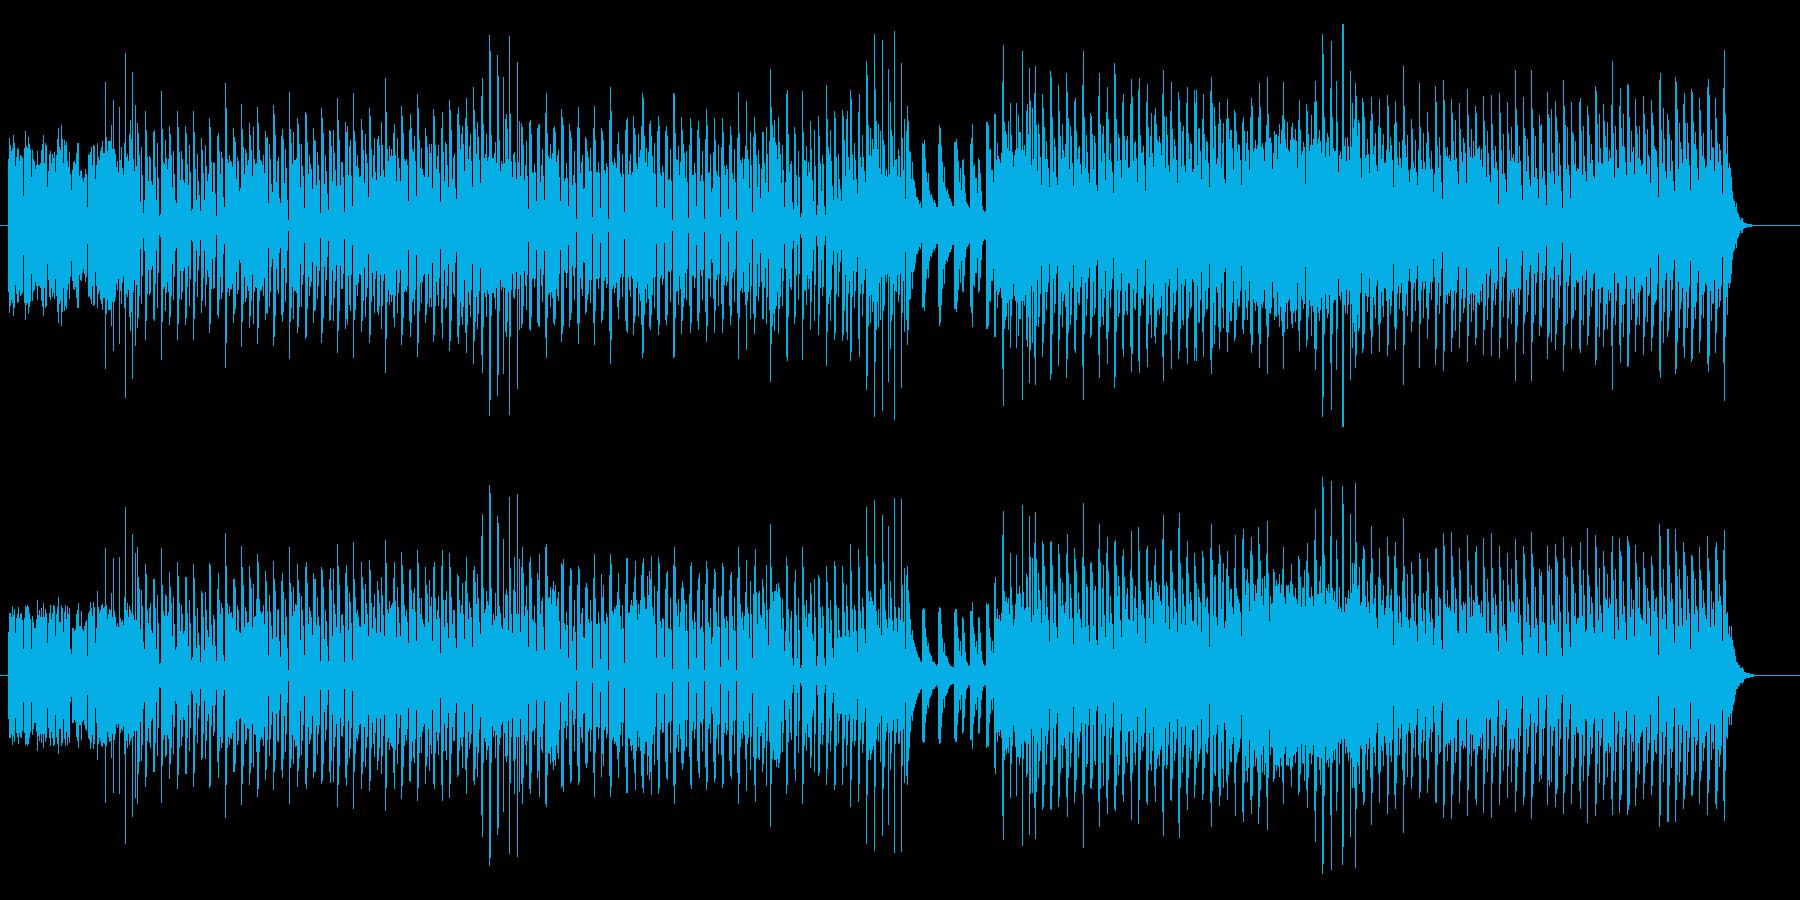 もろびとこぞりて テクノ カラオケの再生済みの波形